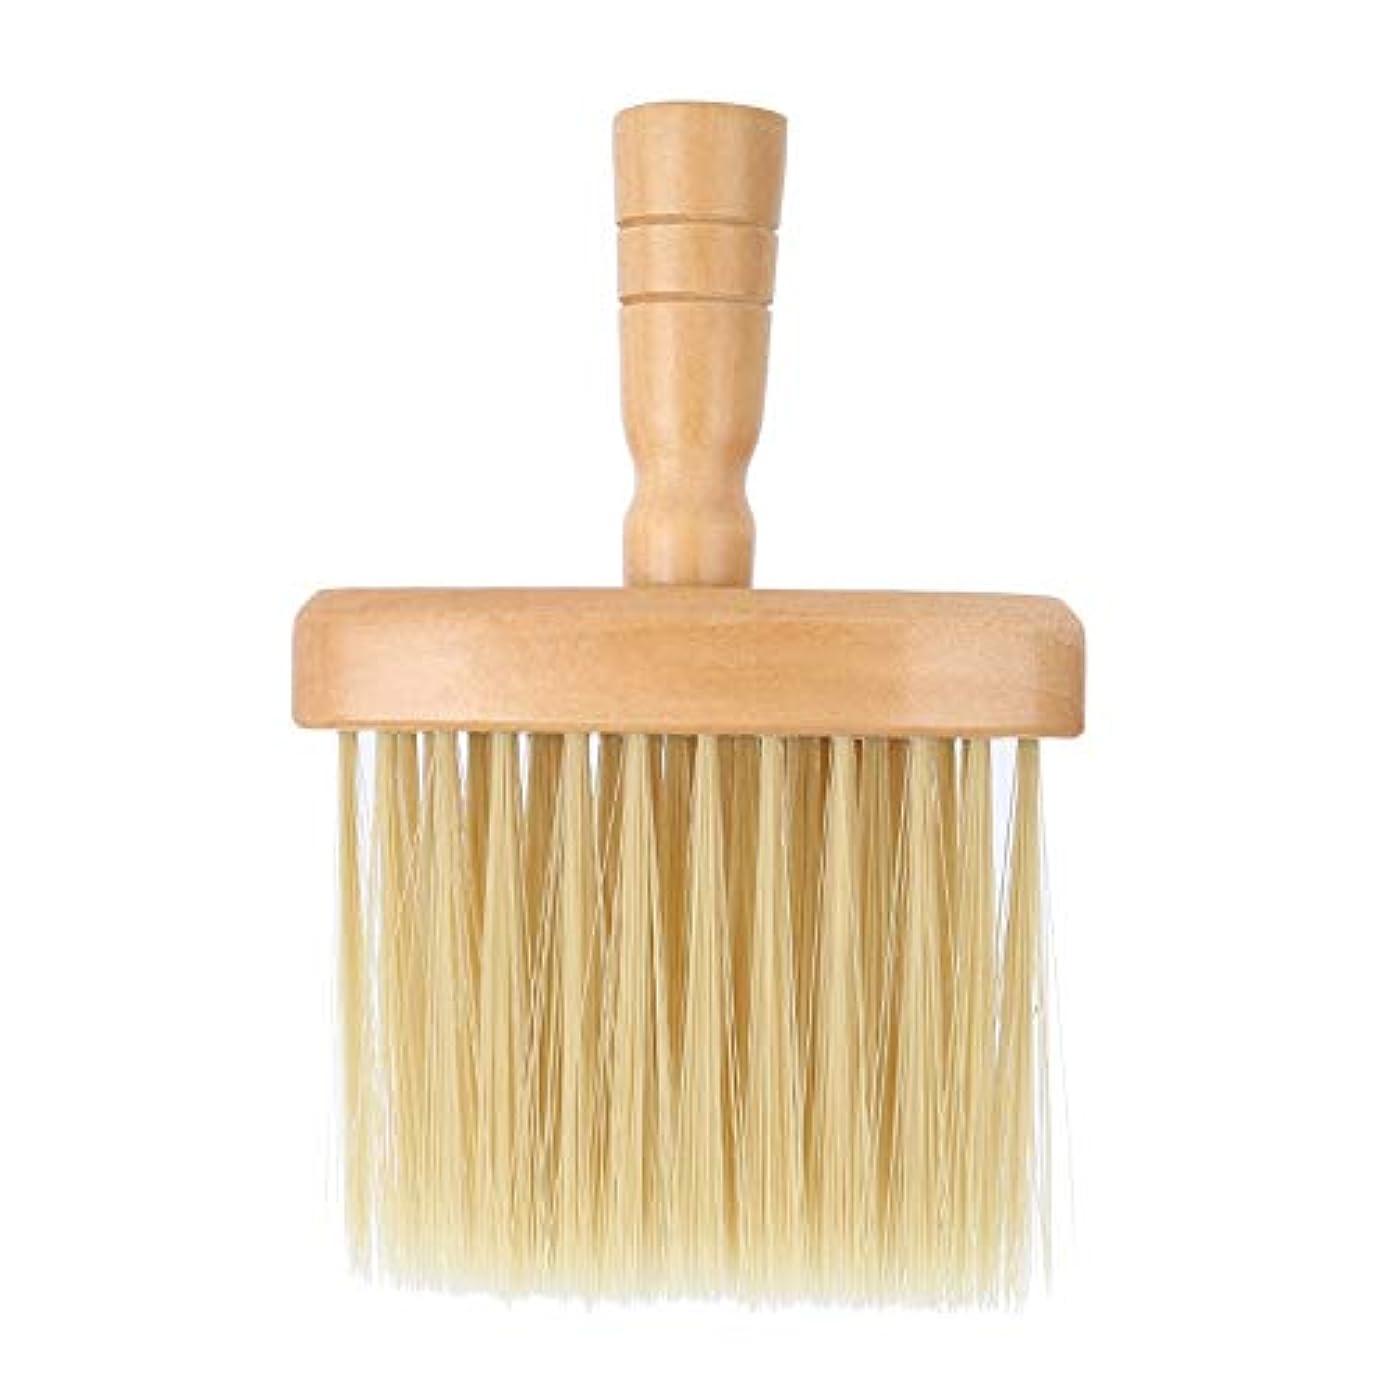 腐った大臣改修するヘアカットブラシネックフェイスダスターブラシサロンヘアクリーニング木製掃除ブラシヘアカット理髪ツール